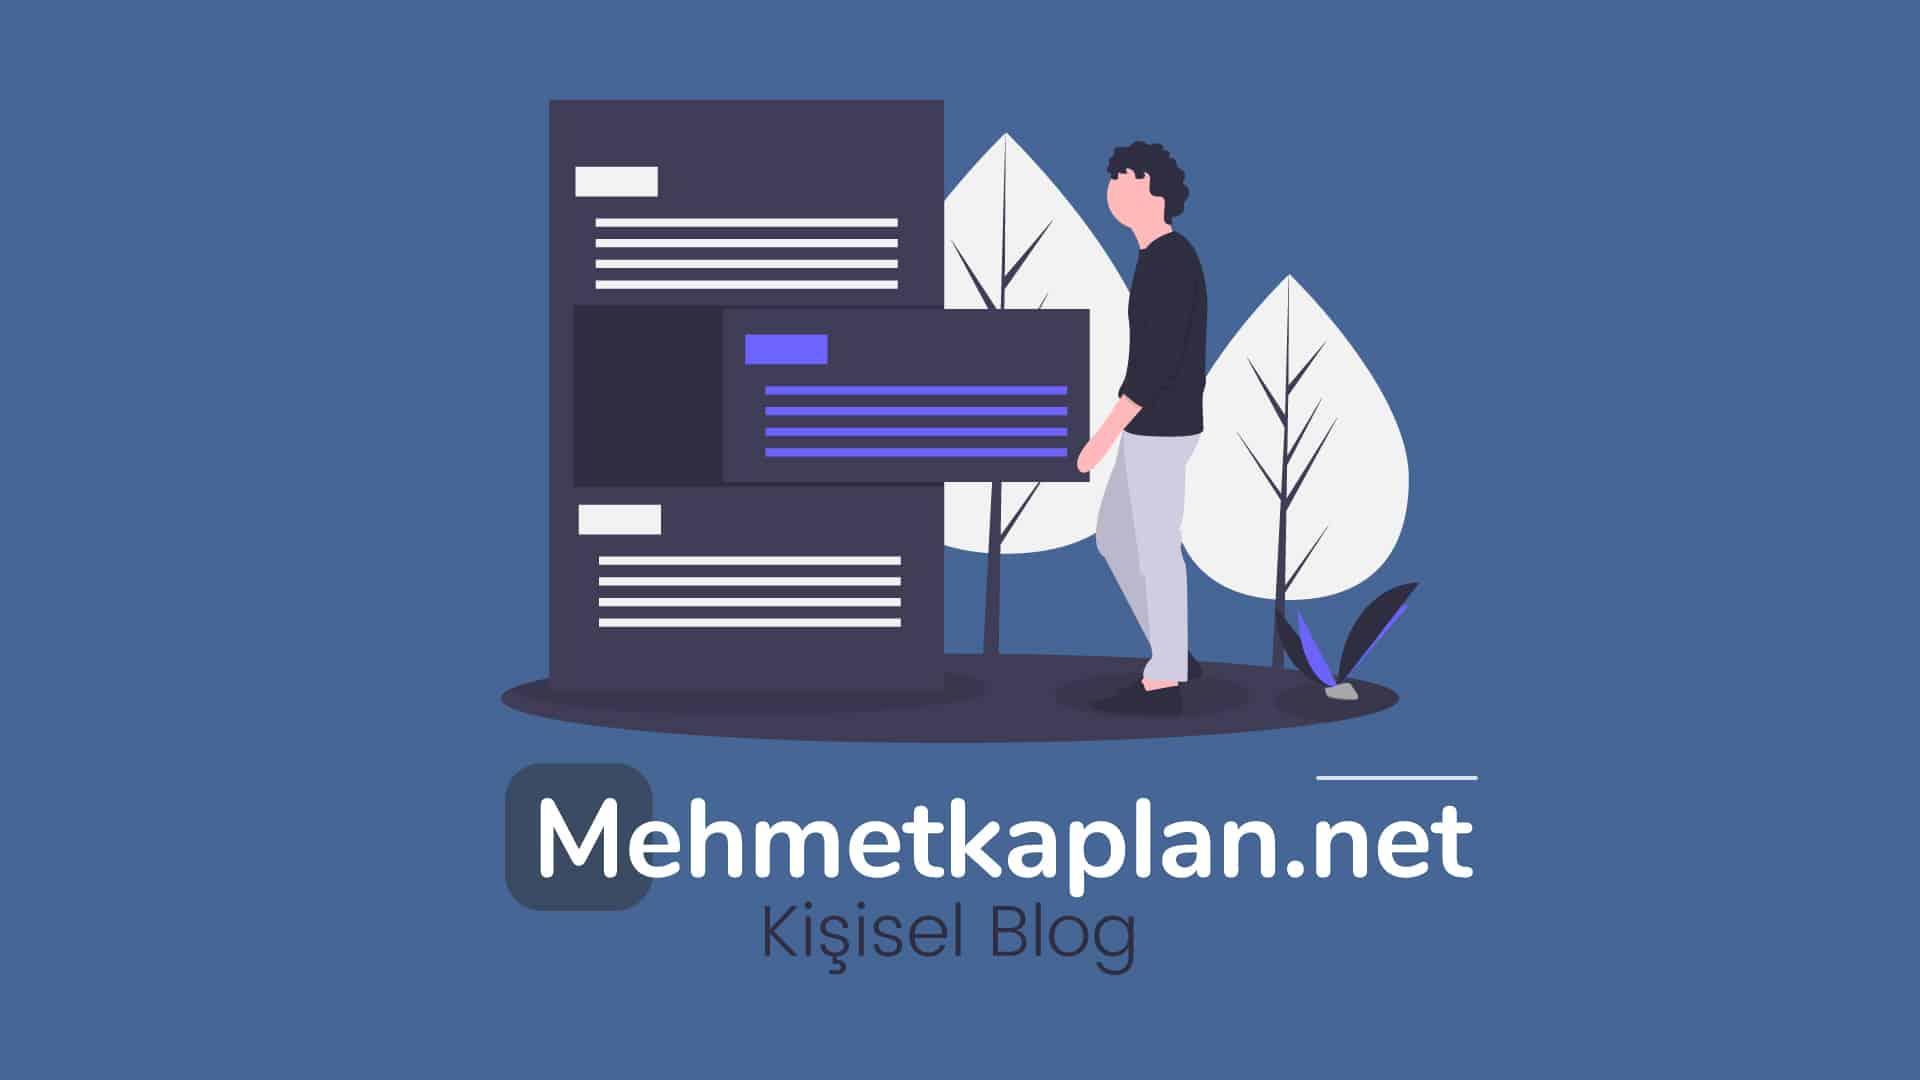 Mehmet-Kaplan-Kişisel-Blog